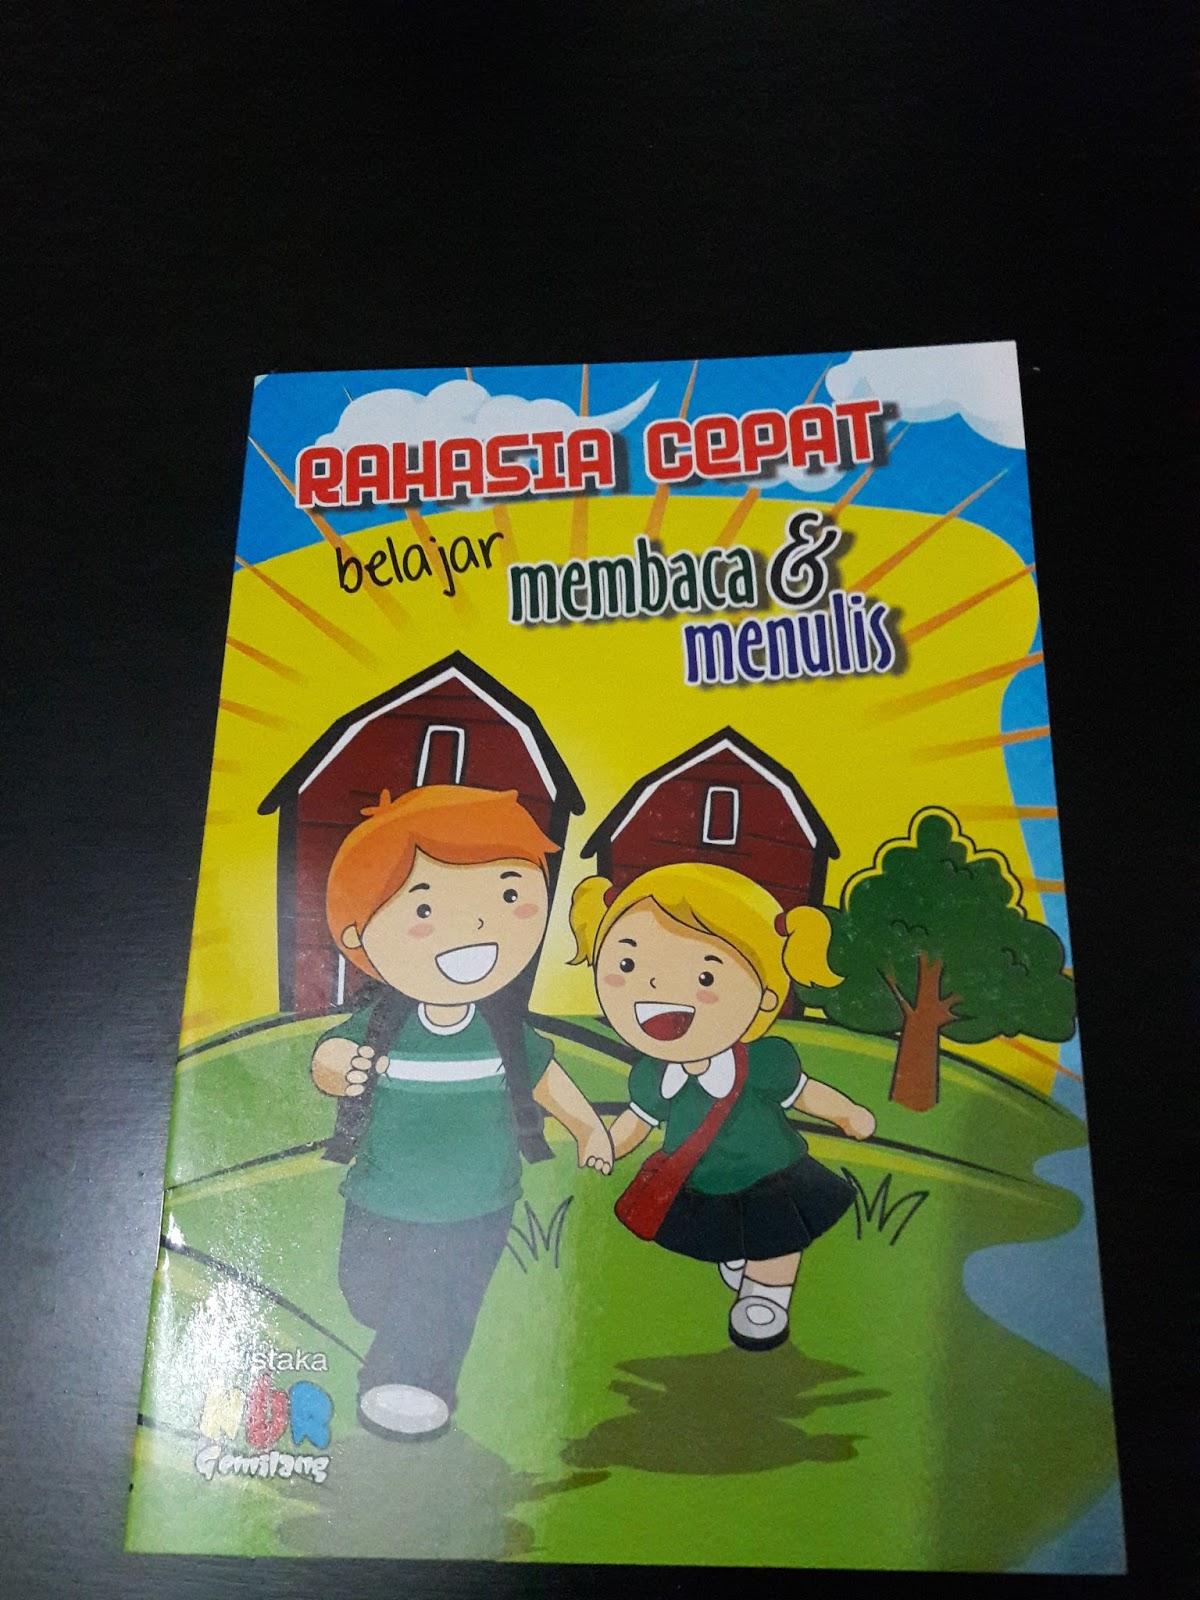 Rahasia belajar membaca & menulis Rp 6 000